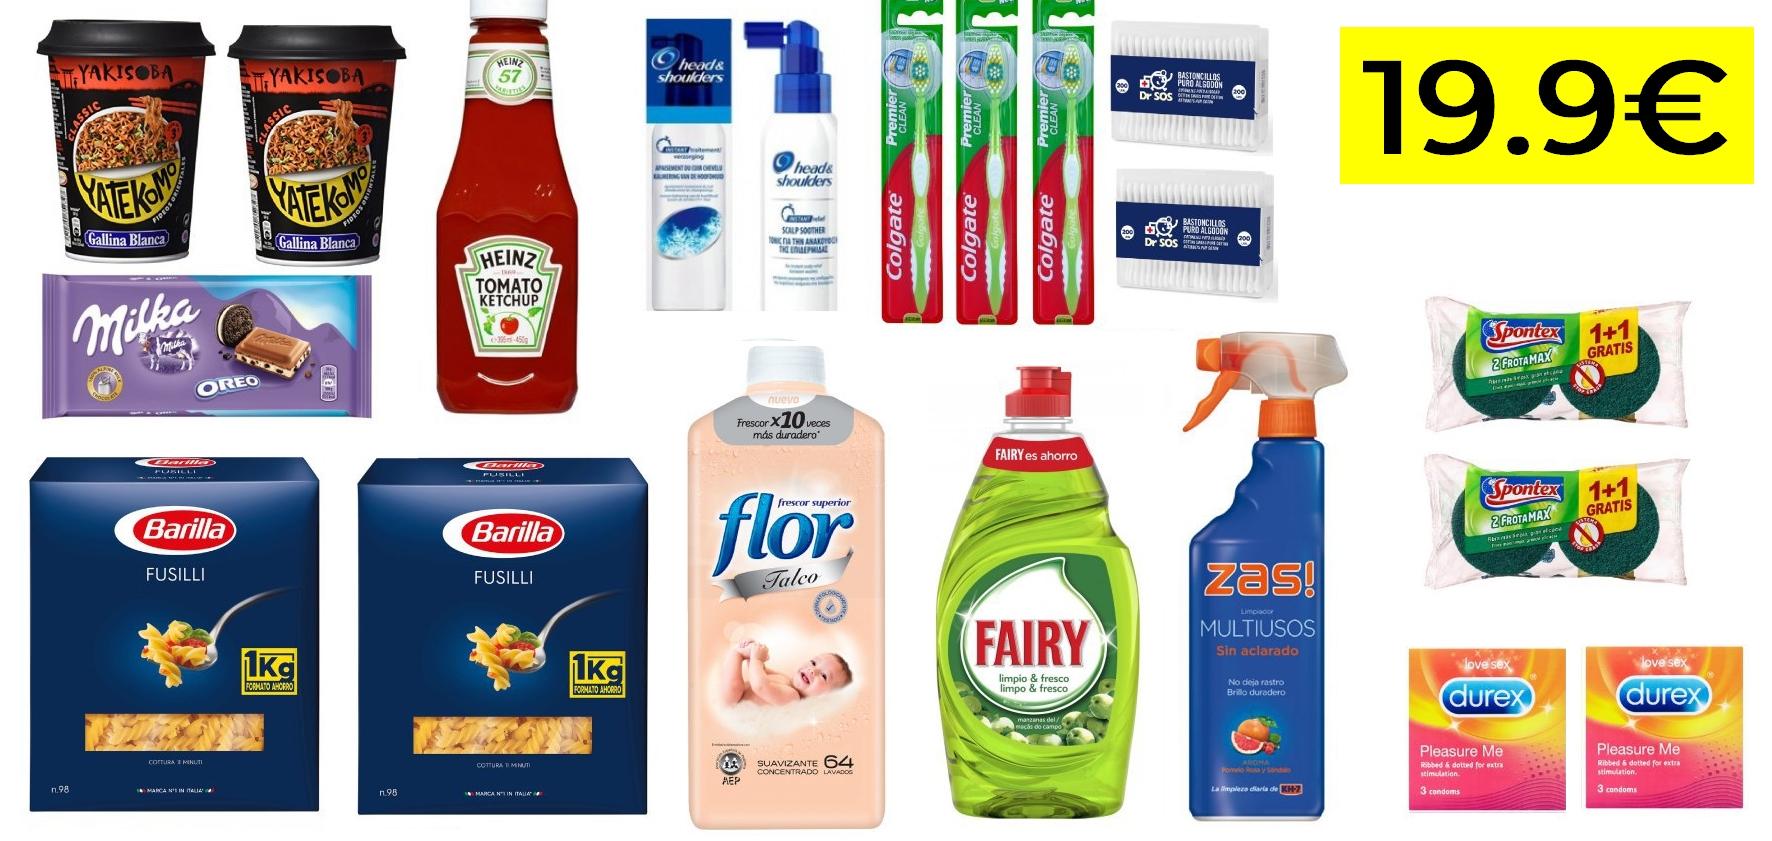 20 productos de marcas top 19.9€